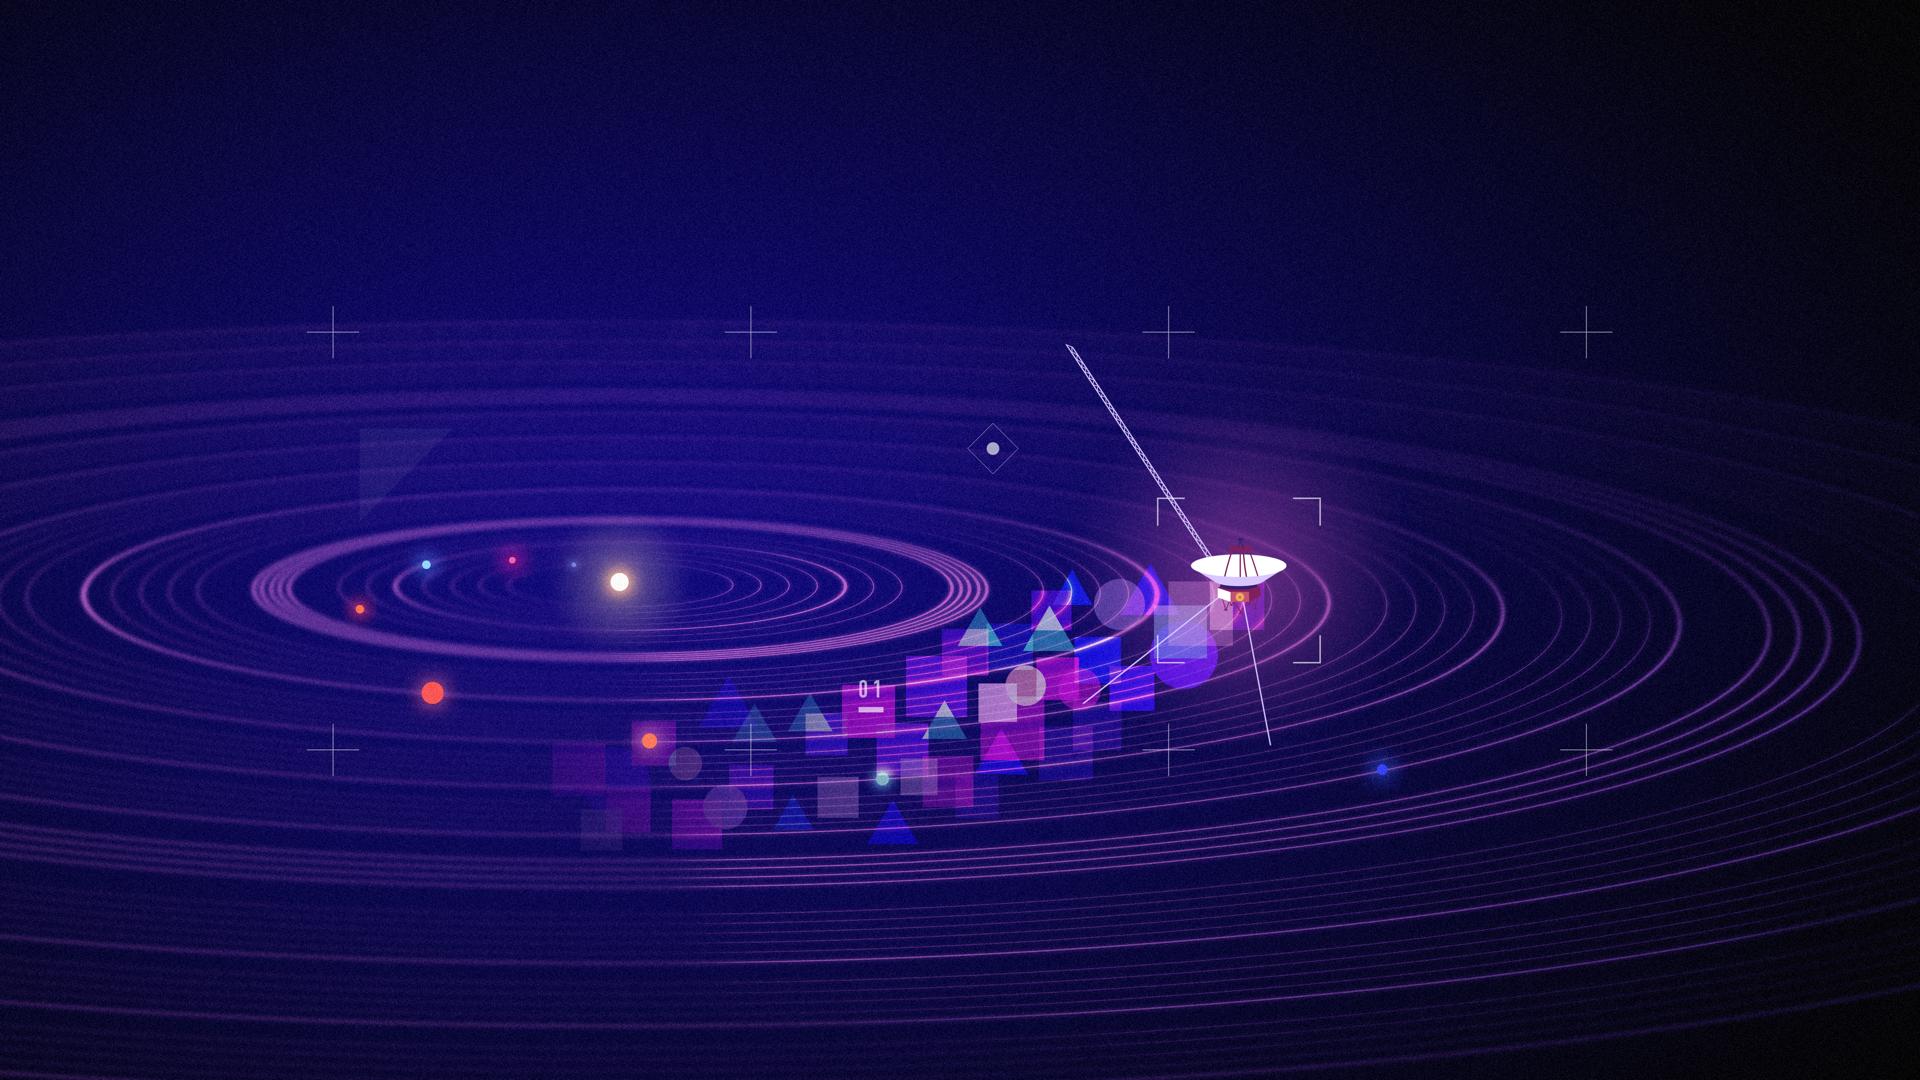 b2cbfdf31b8 Voyager Golden Record — Twenty Thousand Hertz